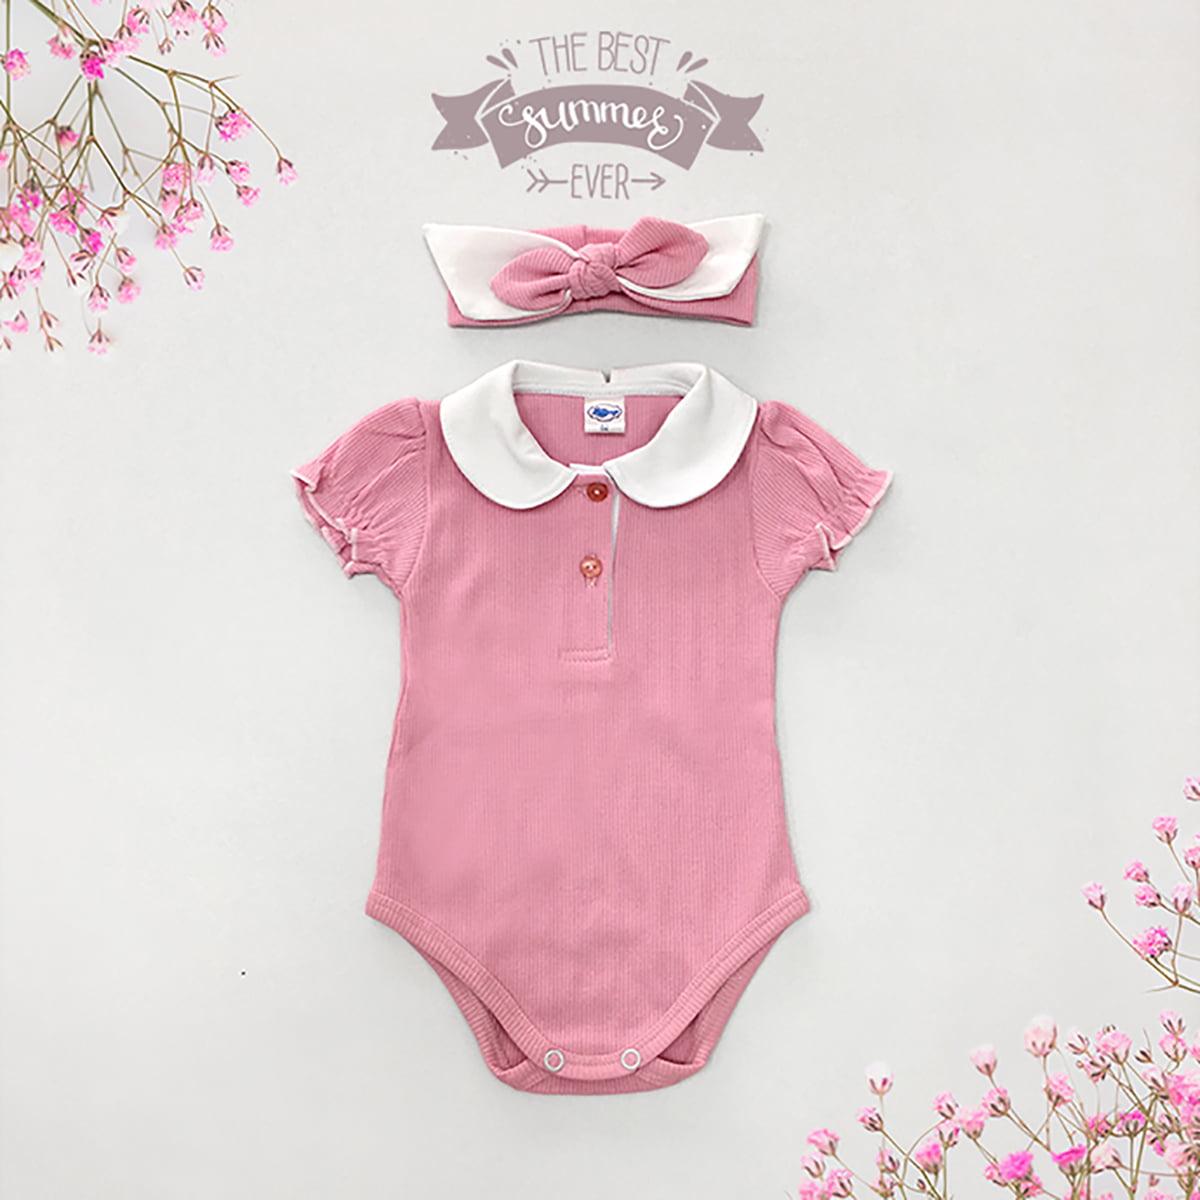 ljetni komplet za bebe strawberry flavor